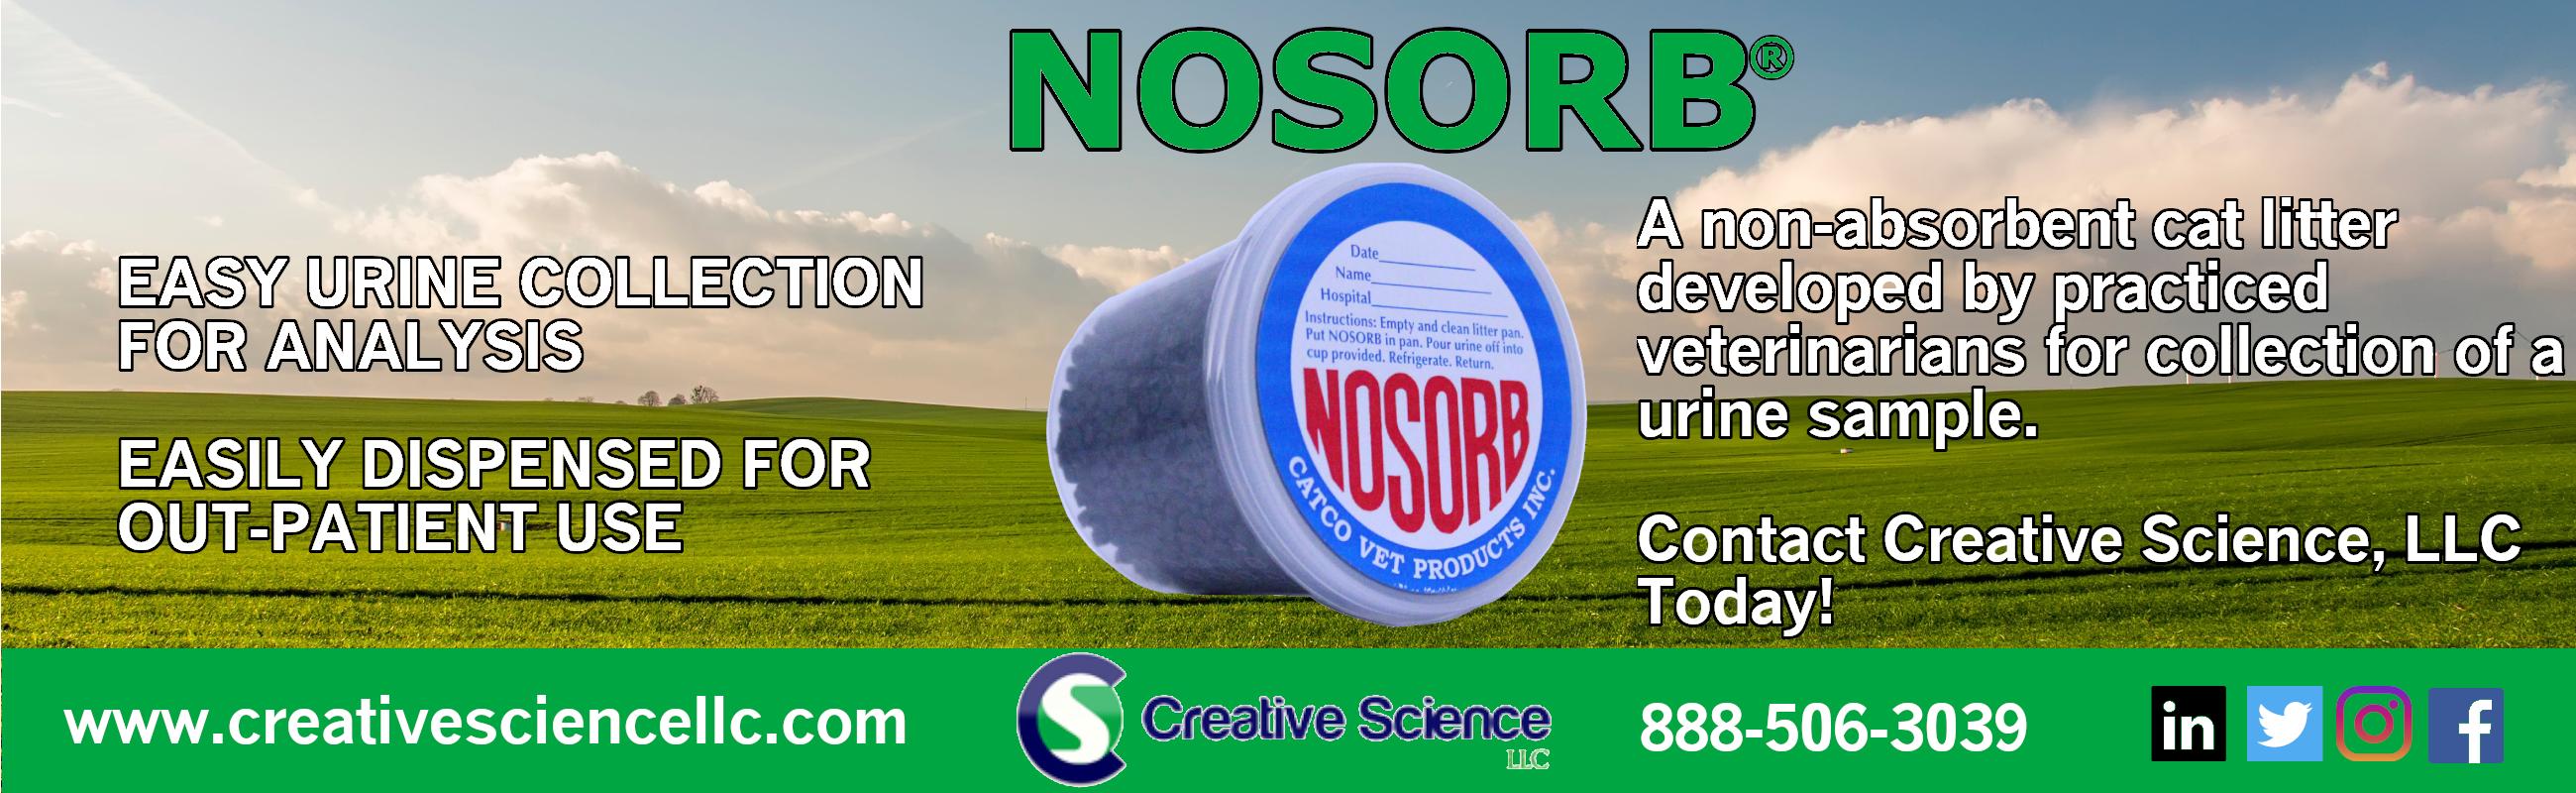 nosorb